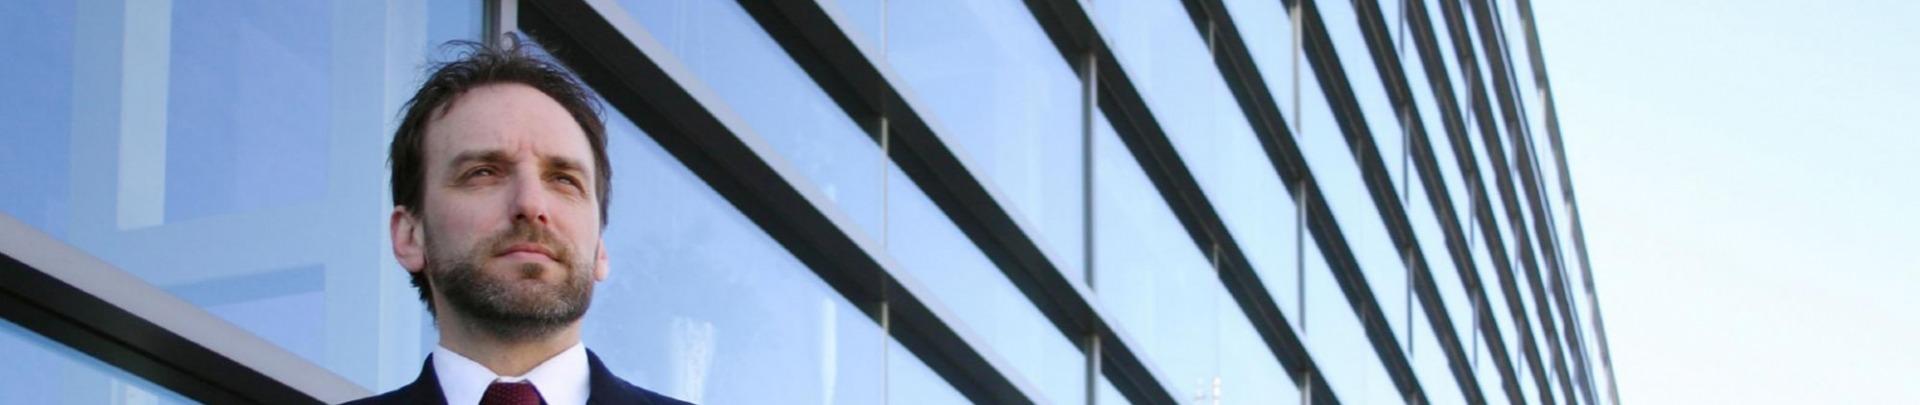 Man met snor en baard in pak staat voor glazen kantoorpand